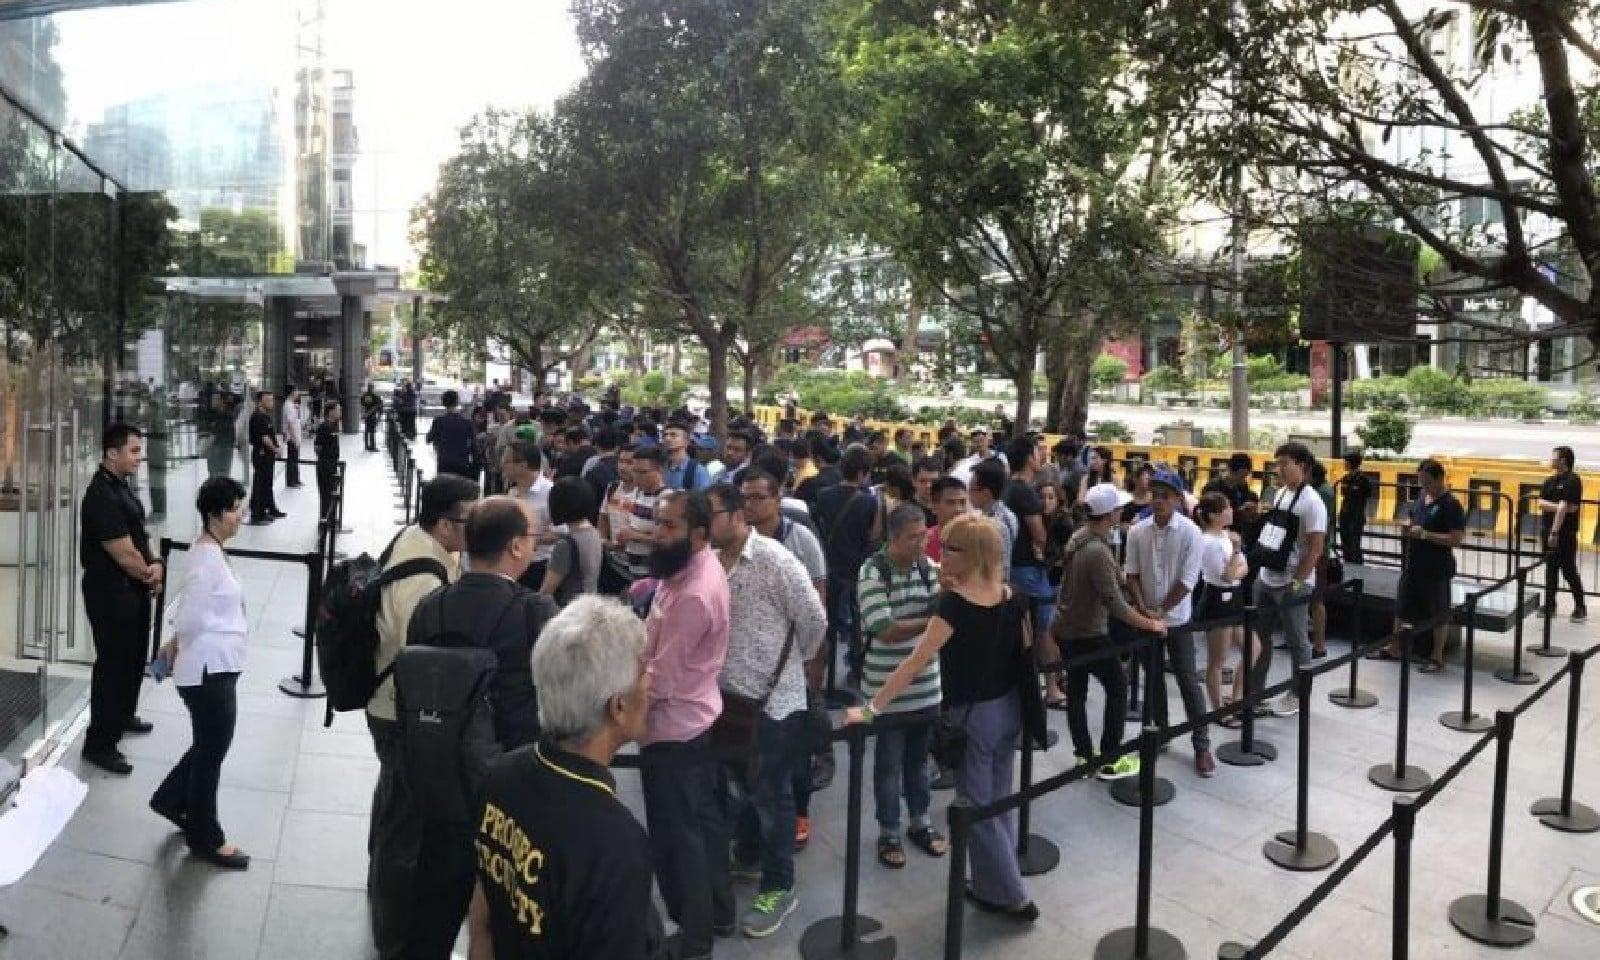 سنگاپور میں بھی ایپل اسٹور کے باہر متعدد افراد آئی فون خریدنے کے لیے صبح ہی کھڑے ہوگئے تھے، فوٹو بشکریہ straitstimes